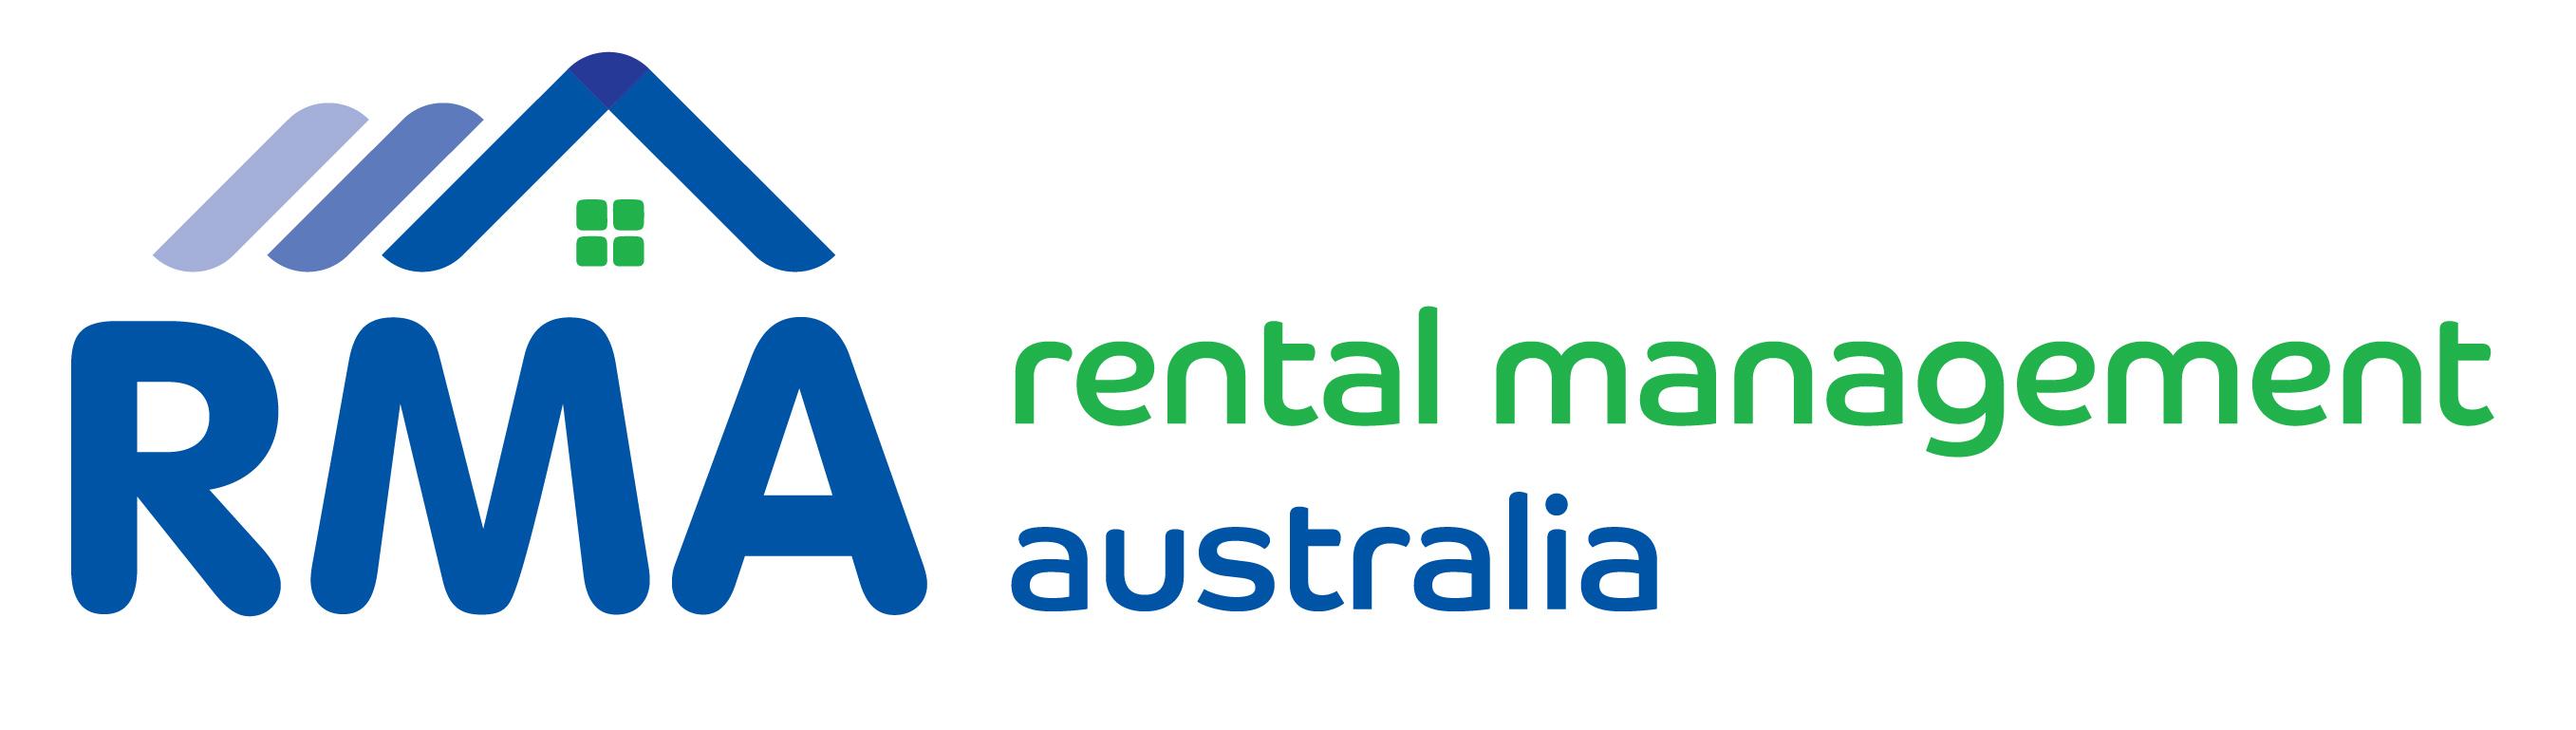 Rental Management Australia Development Pty Ltd - East Victoria Park, East Victoria Park, 6101